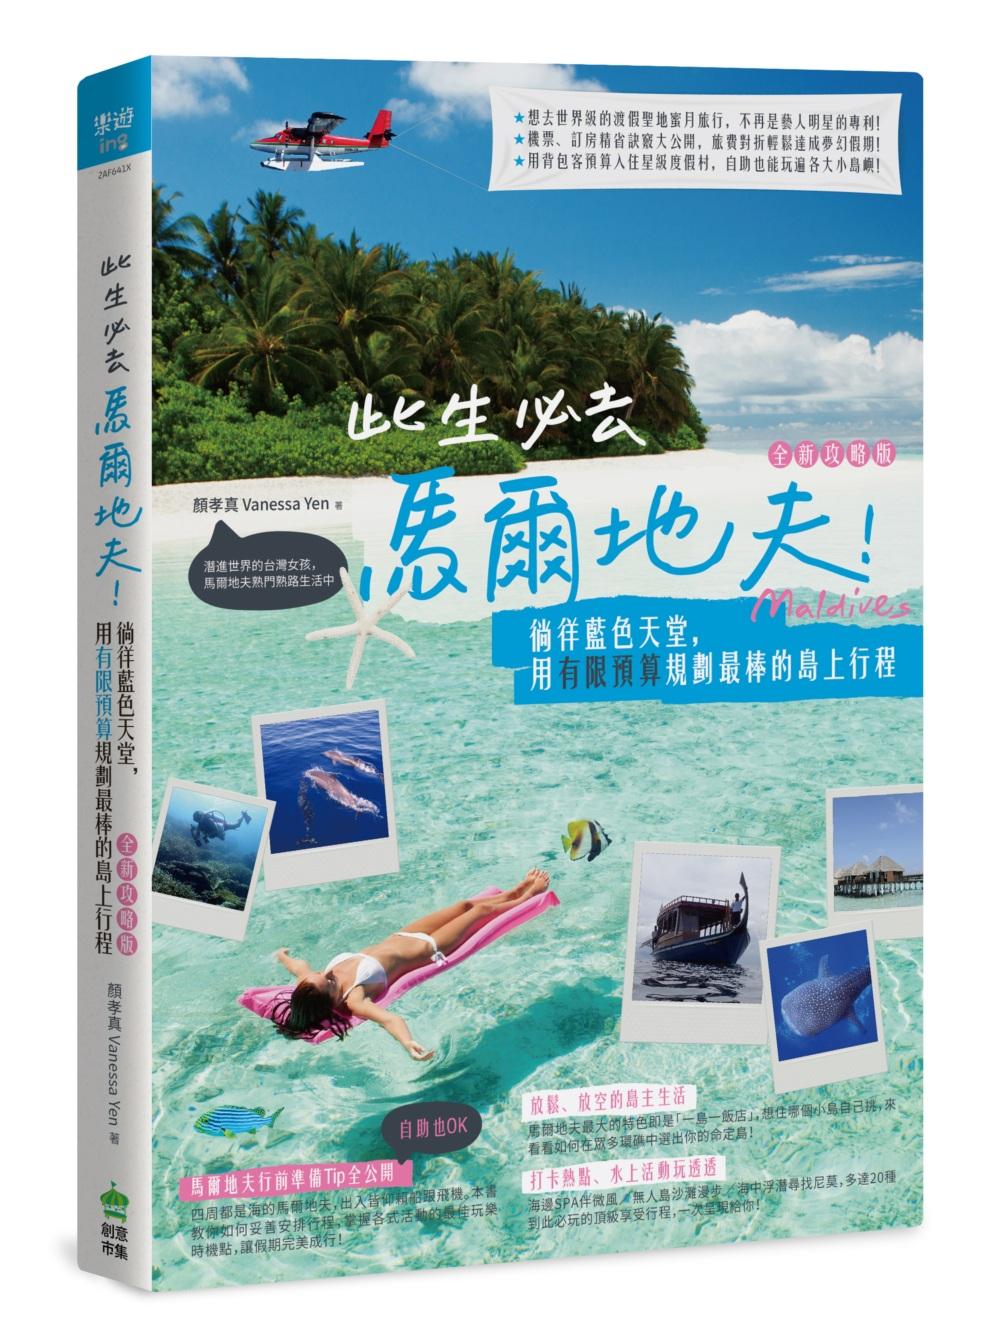 ◤博客來BOOKS◢ 暢銷書榜《推薦》此生必去馬爾地夫!徜徉藍色天堂,用有限預算規劃最棒的島上行程(全新攻略版)